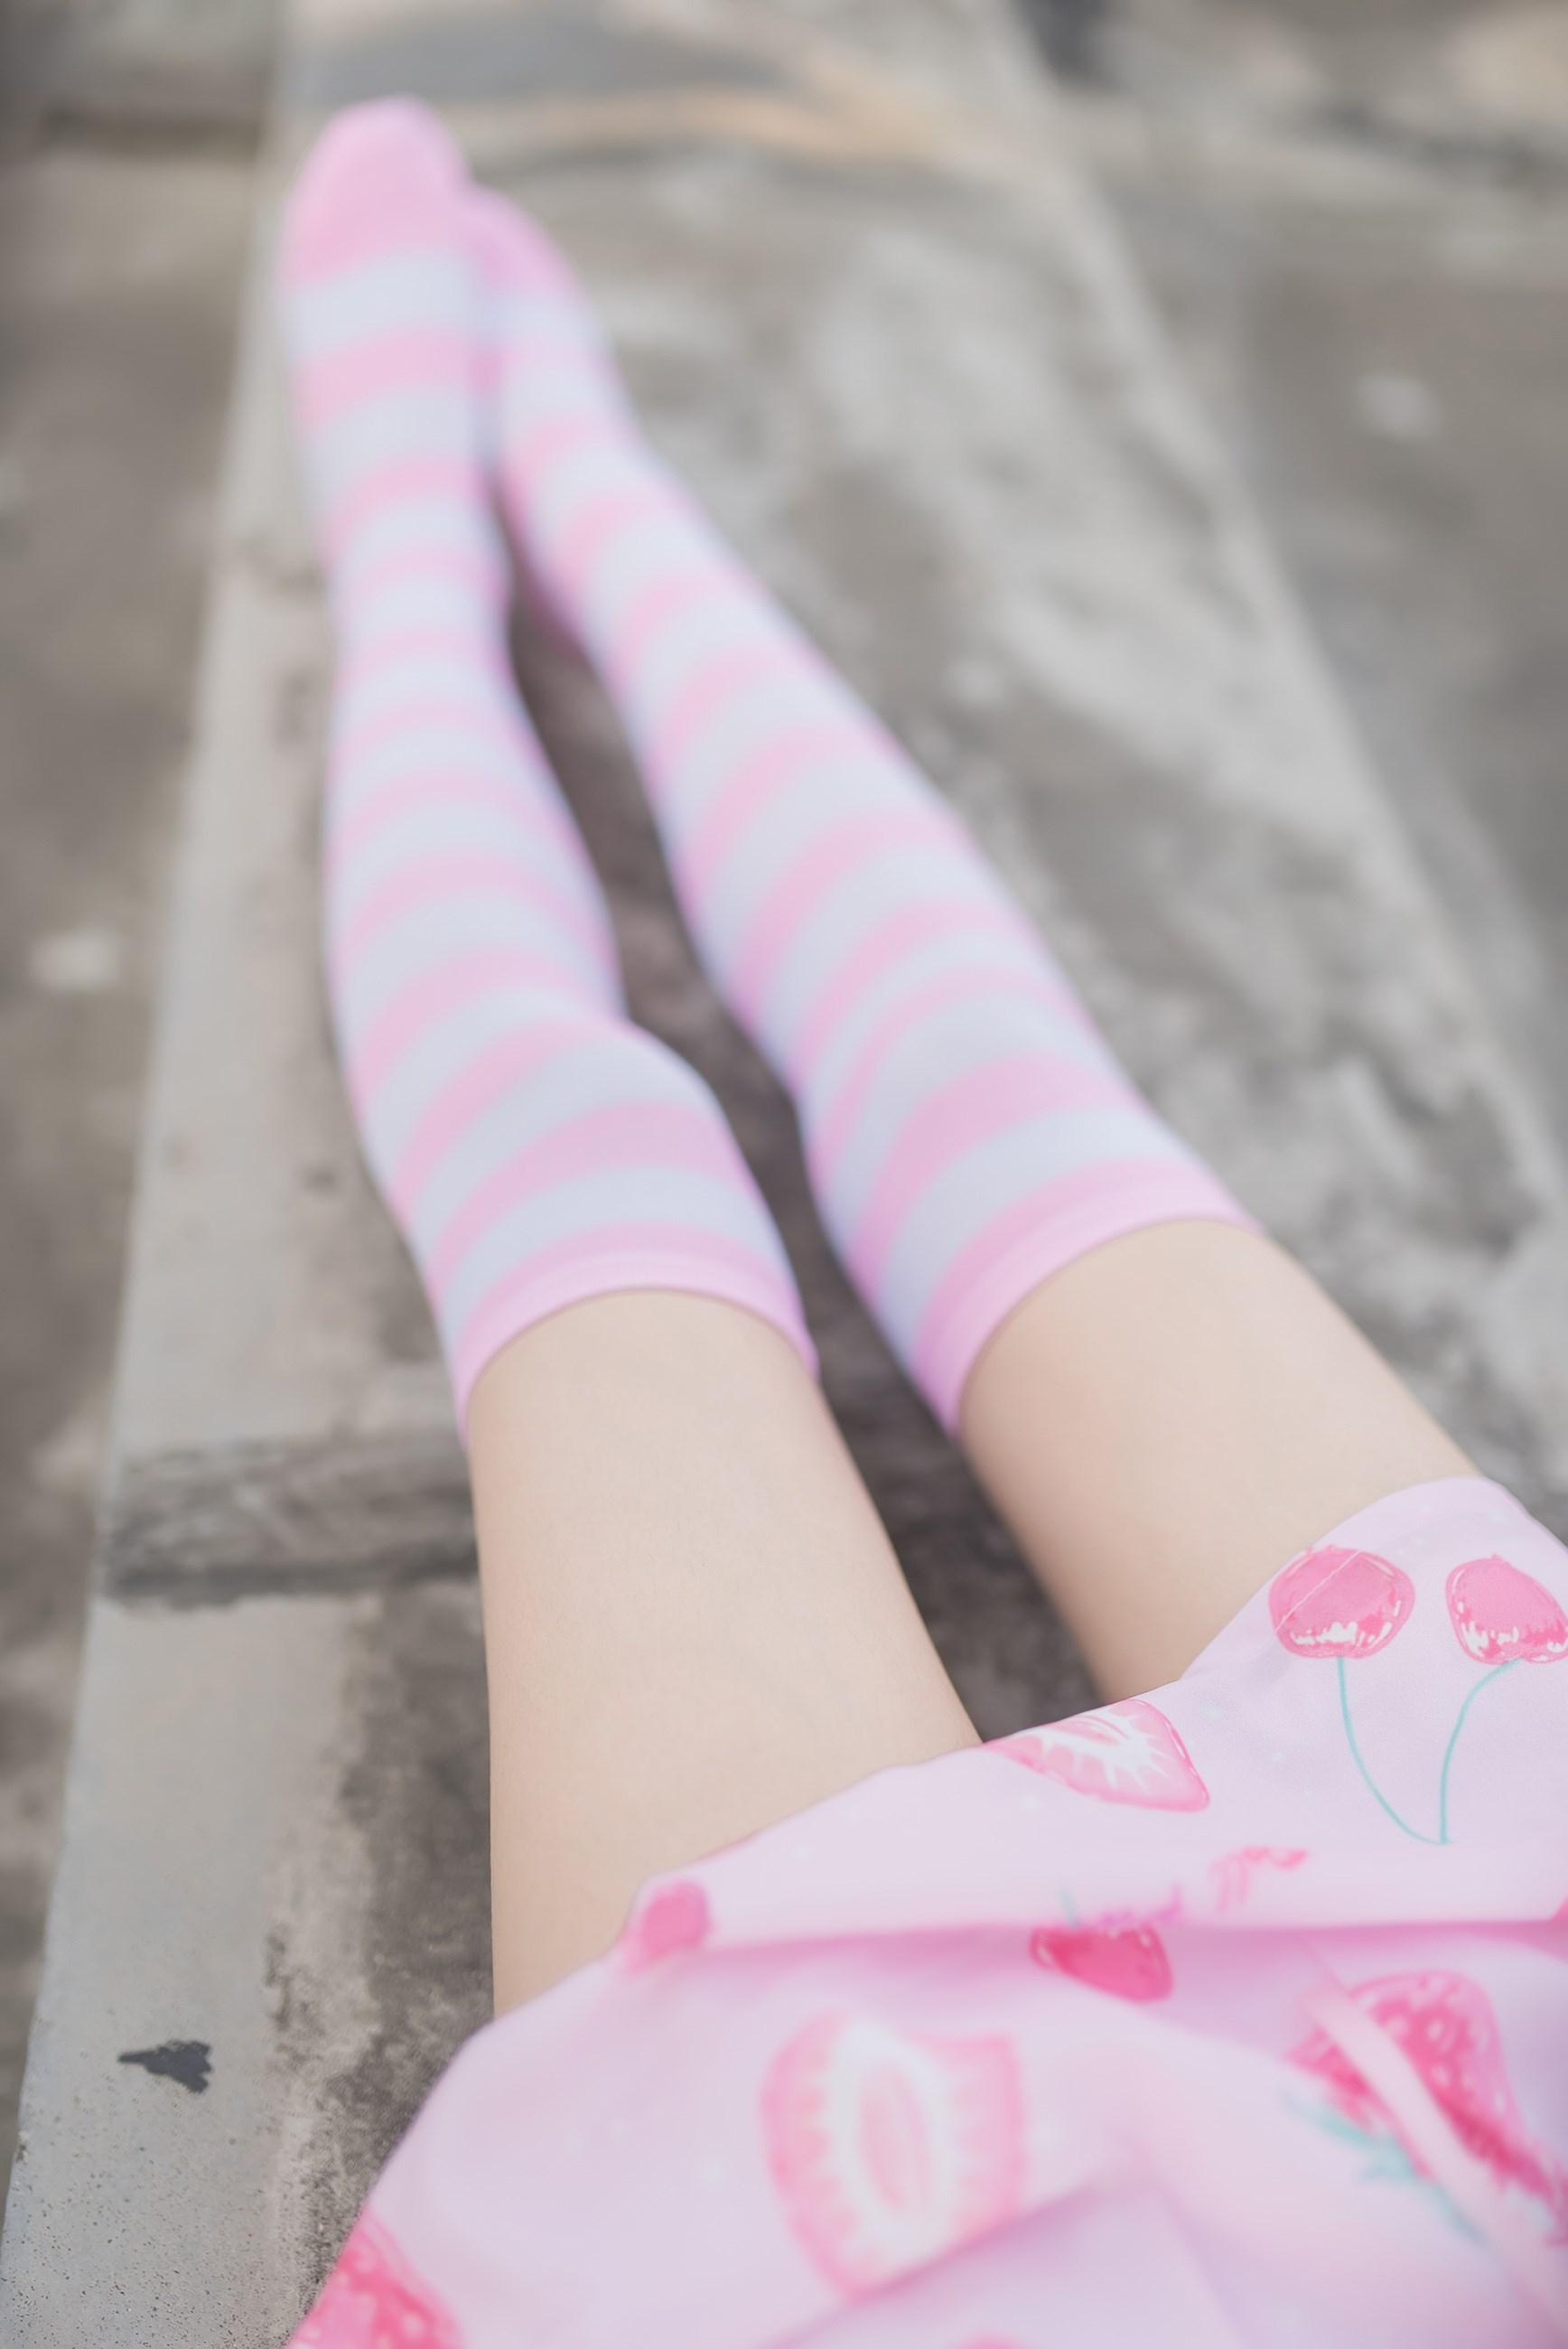 【兔玩映画】粉白条纹 兔玩映画 第40张